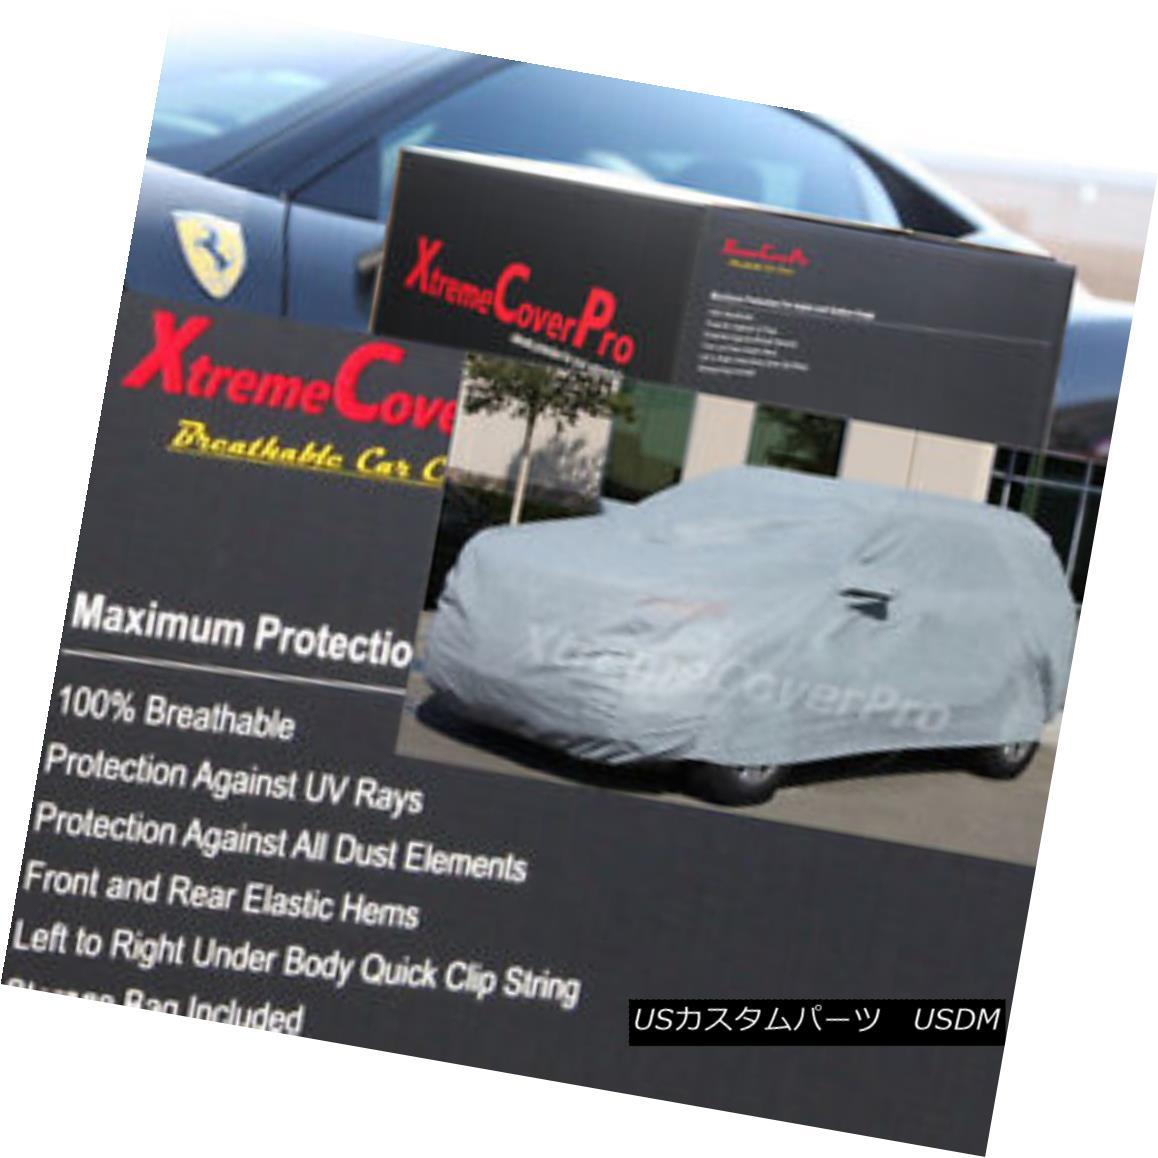 カーカバー 2008 2009 2010 Porsche Cayenne Breathable Car Cover w/MirrorPocket 2008年2009年2010年ポルシェカイエン通気性カーカバー(MirrorPocket付き)